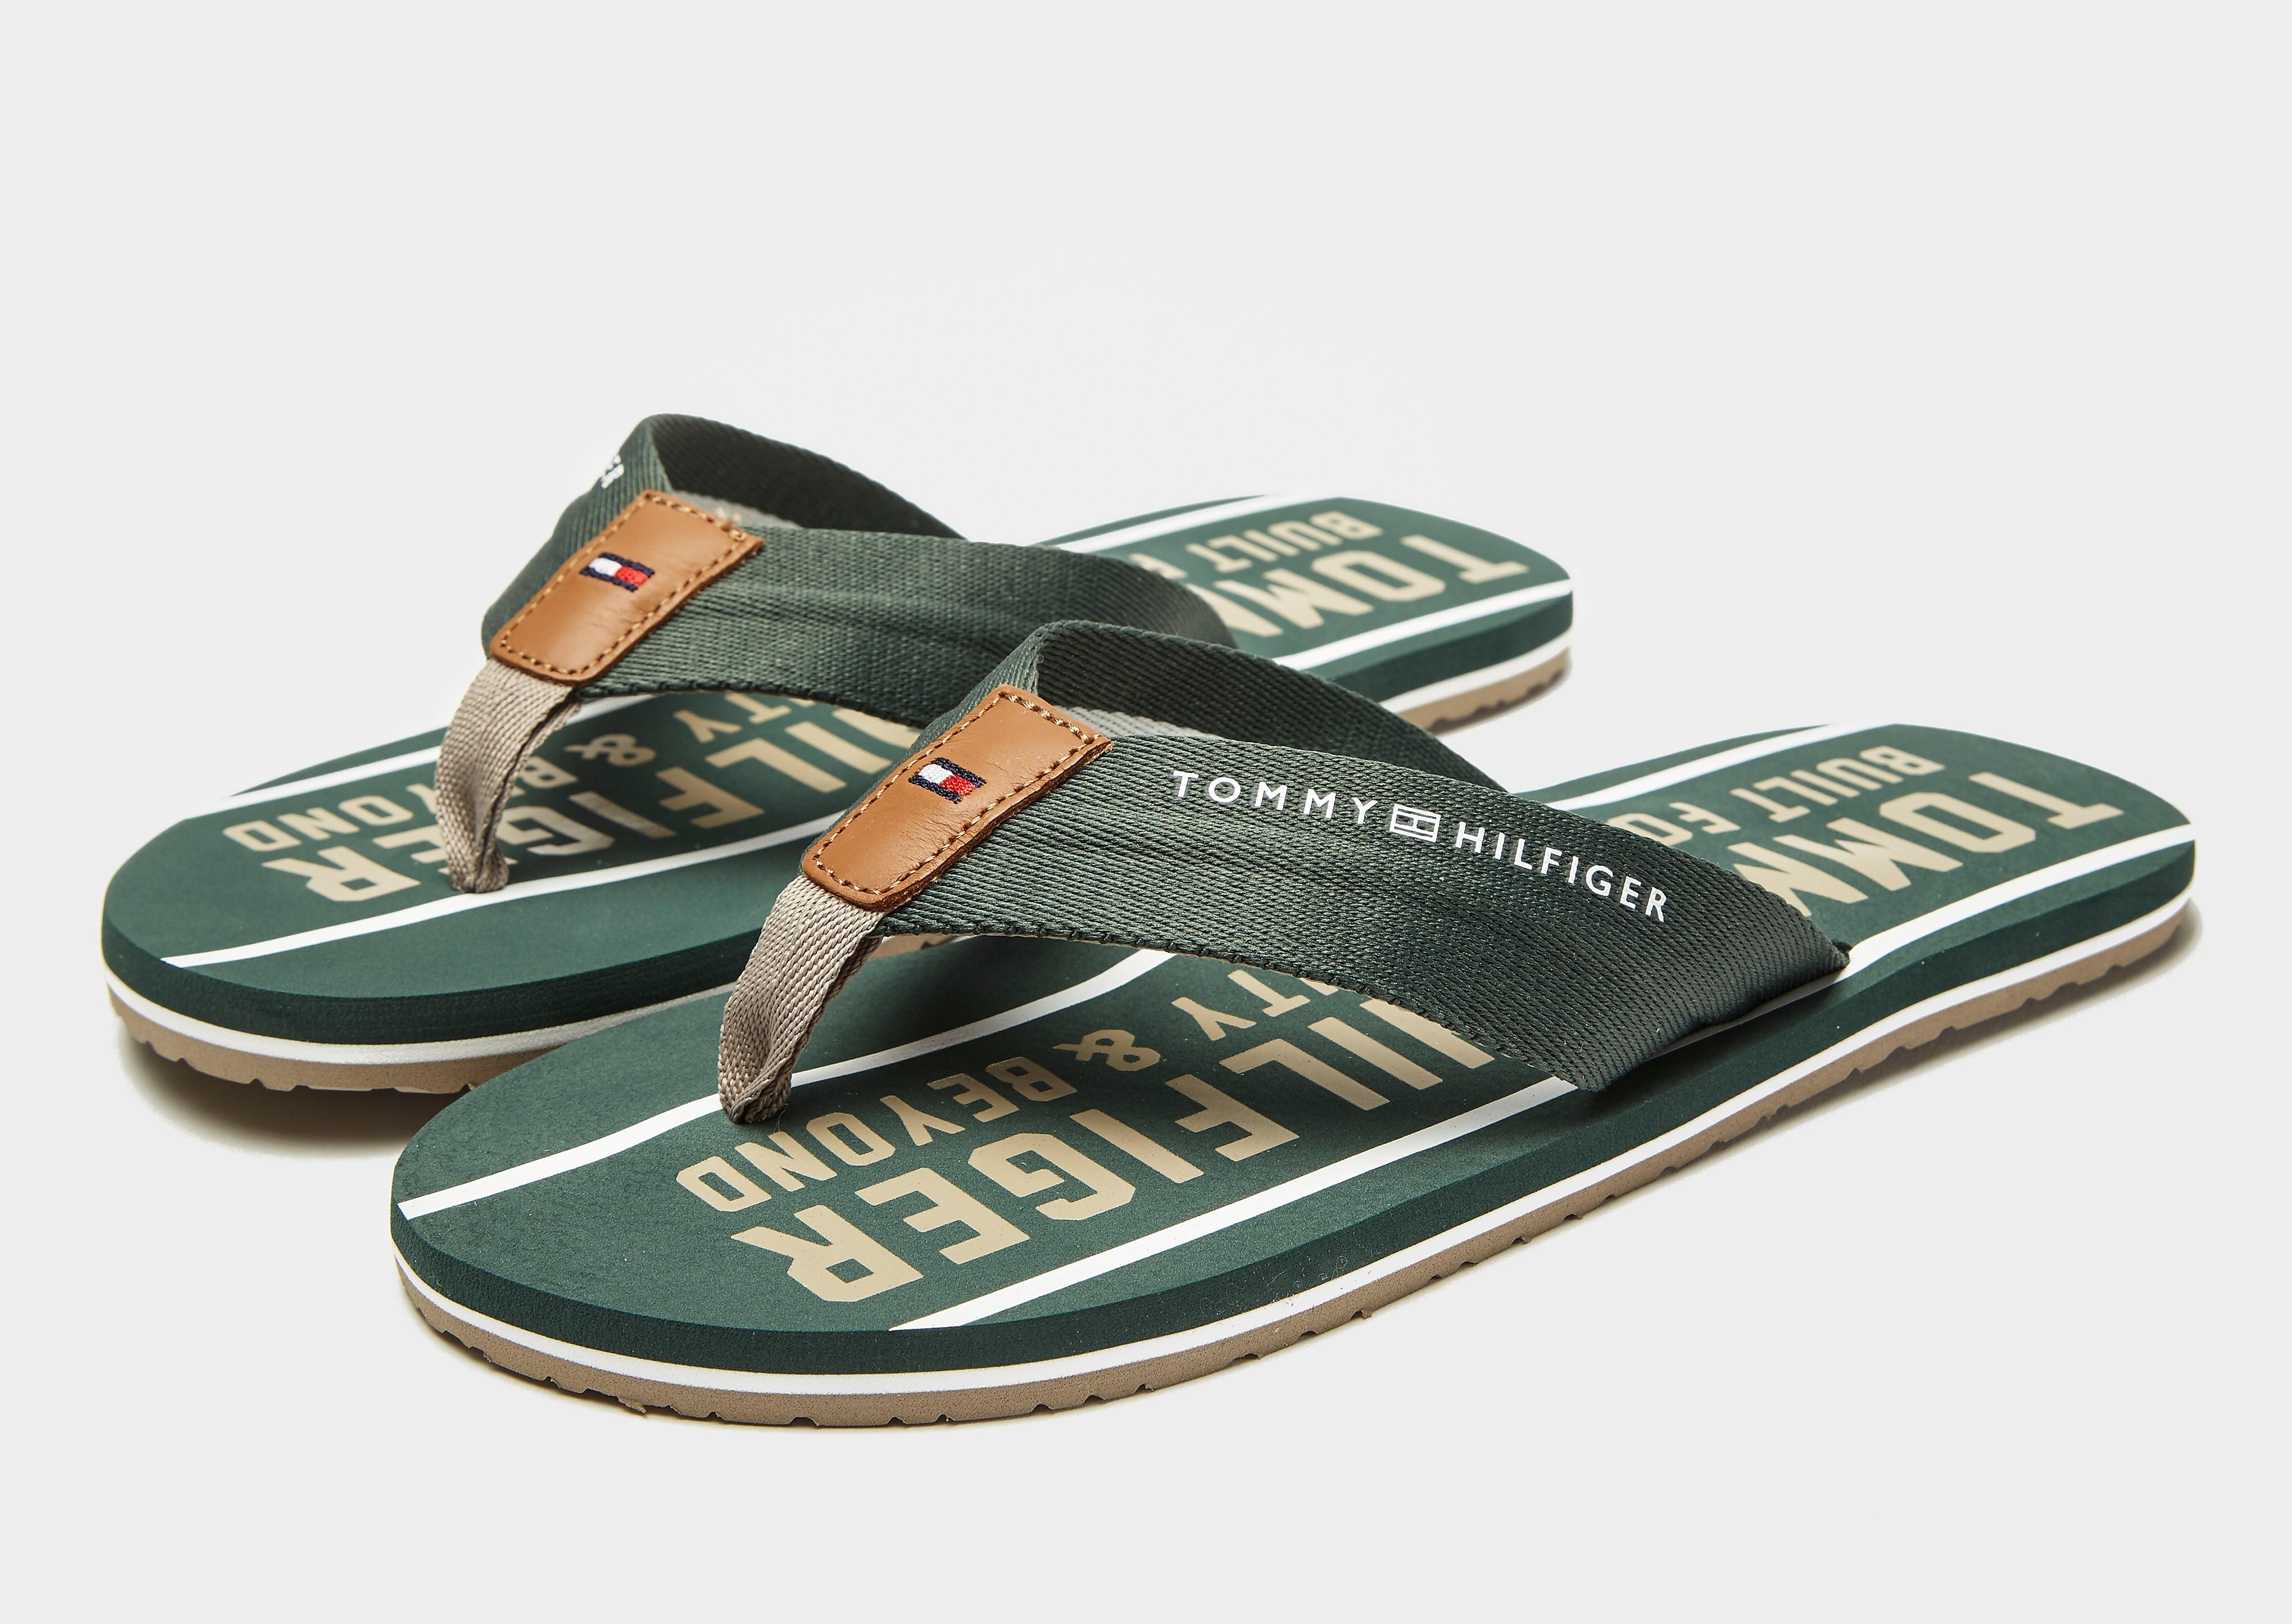 Tommy Hilfiger Smart Beach Flip Flops